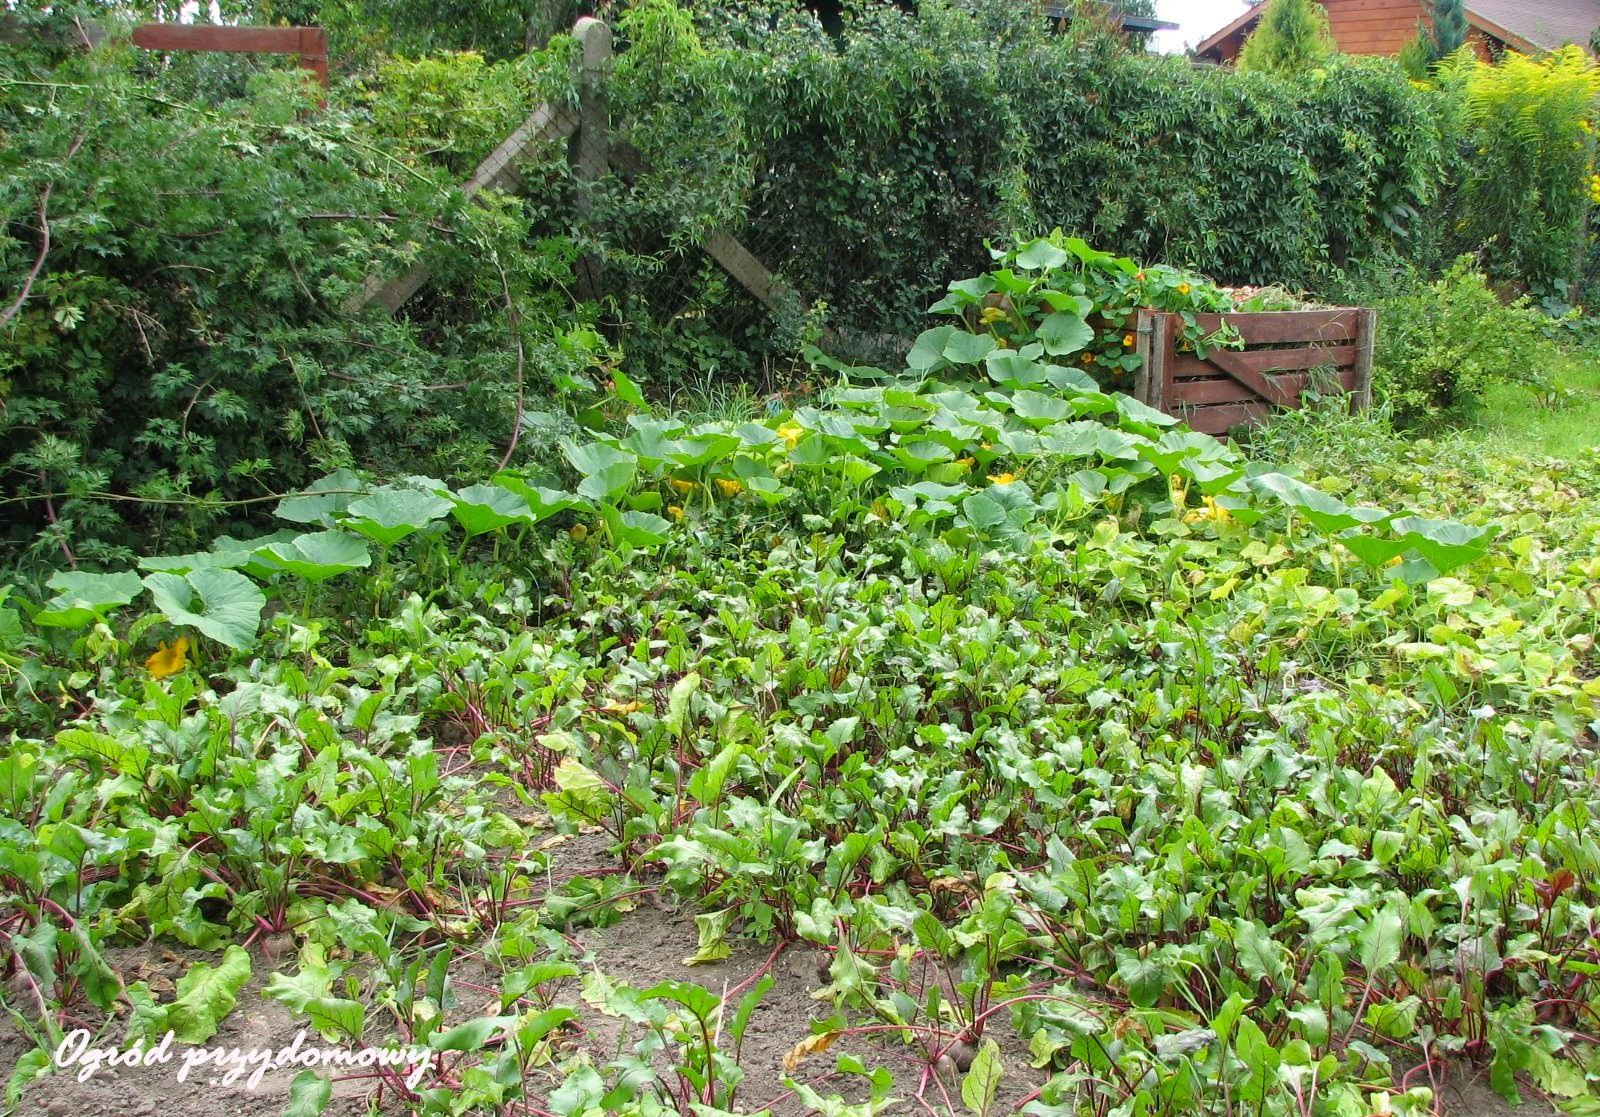 pędy dyni, owoce arbuza, ogród przydomowy